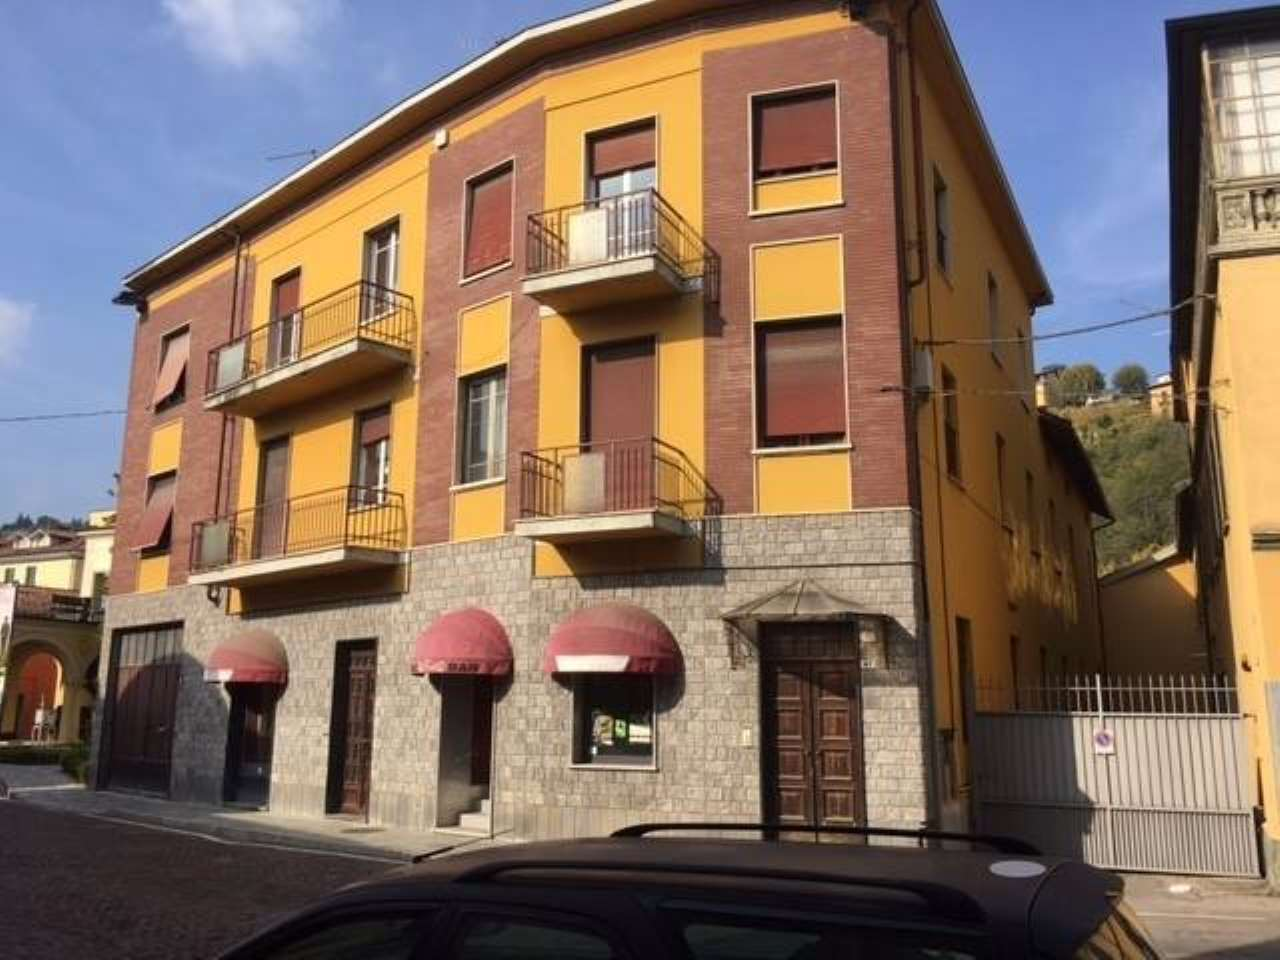 Soluzione Indipendente in vendita a Canelli, 9999 locali, Trattative riservate | CambioCasa.it